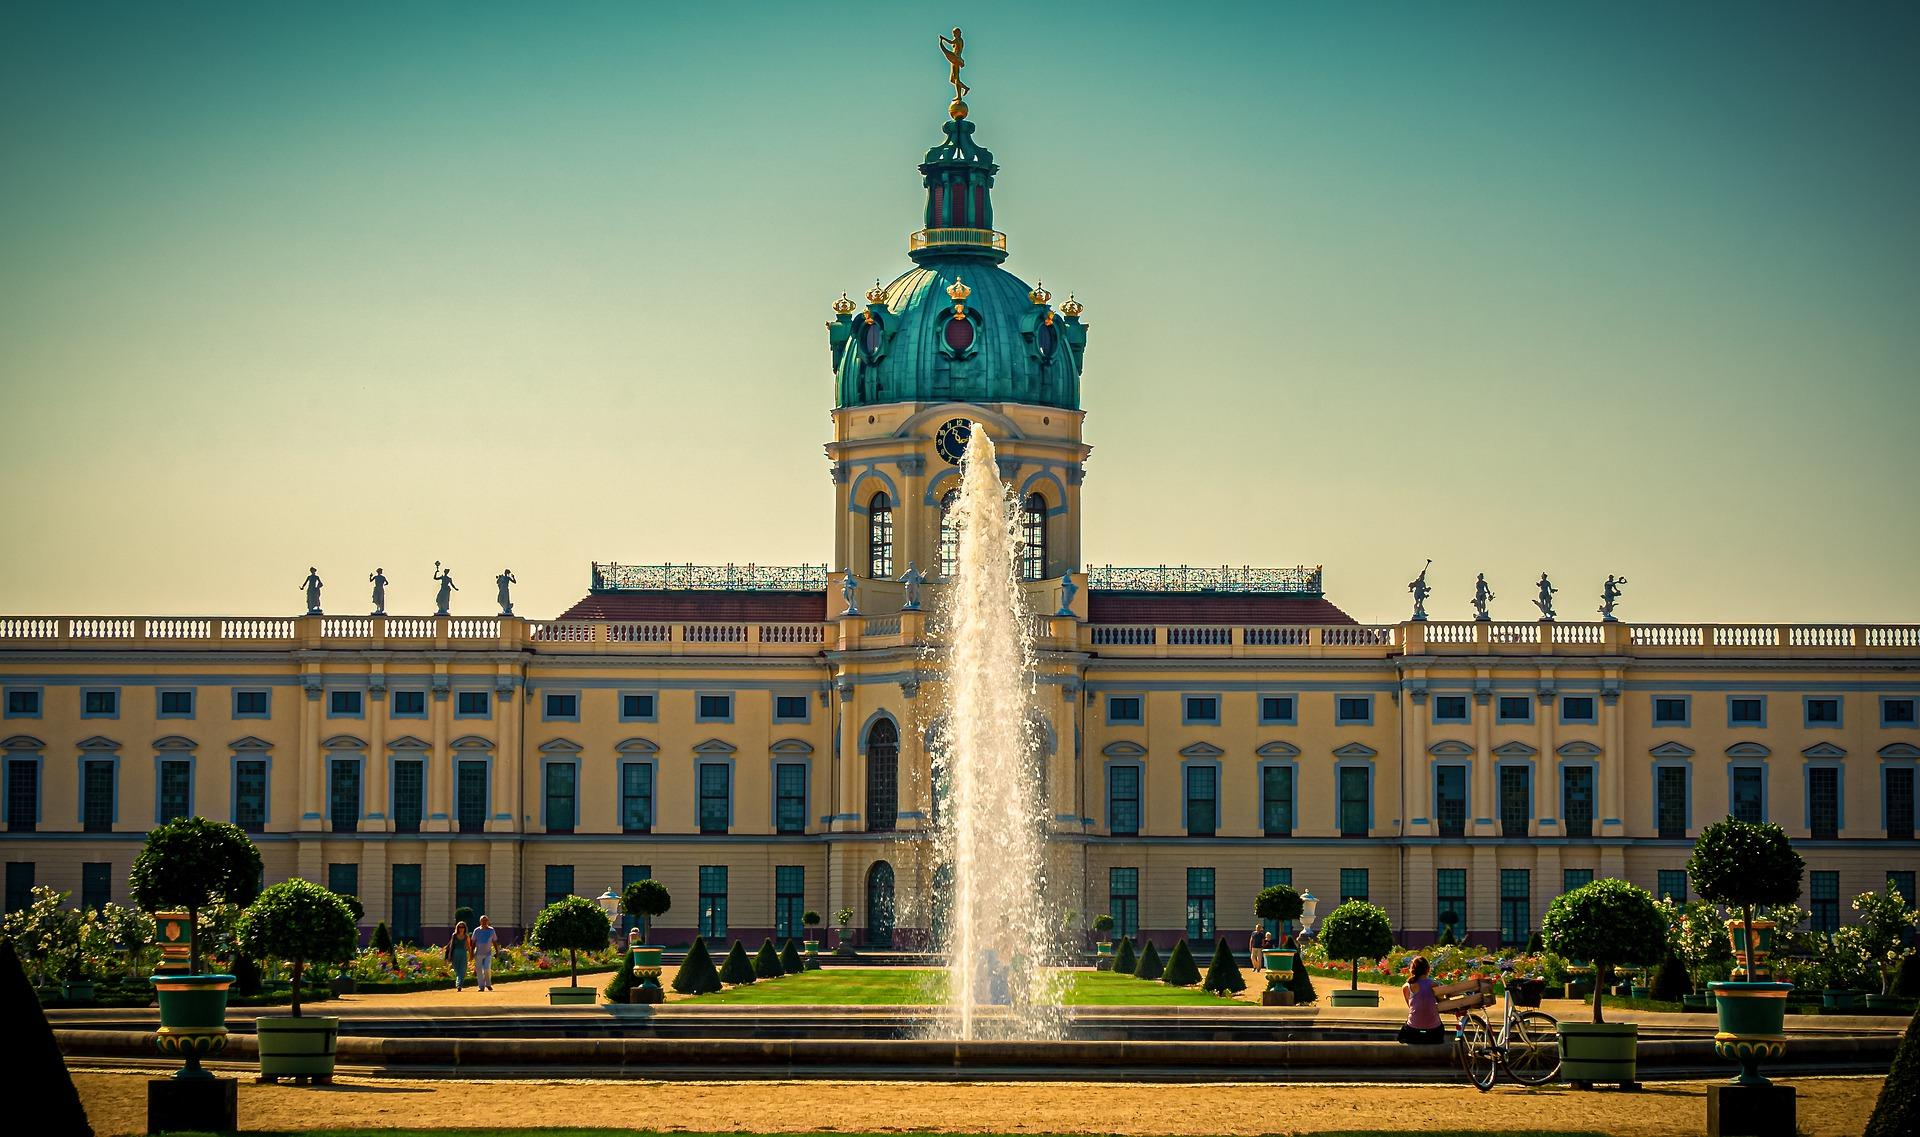 Bild von schönem Schloss in Berlin mit Springbrunnen